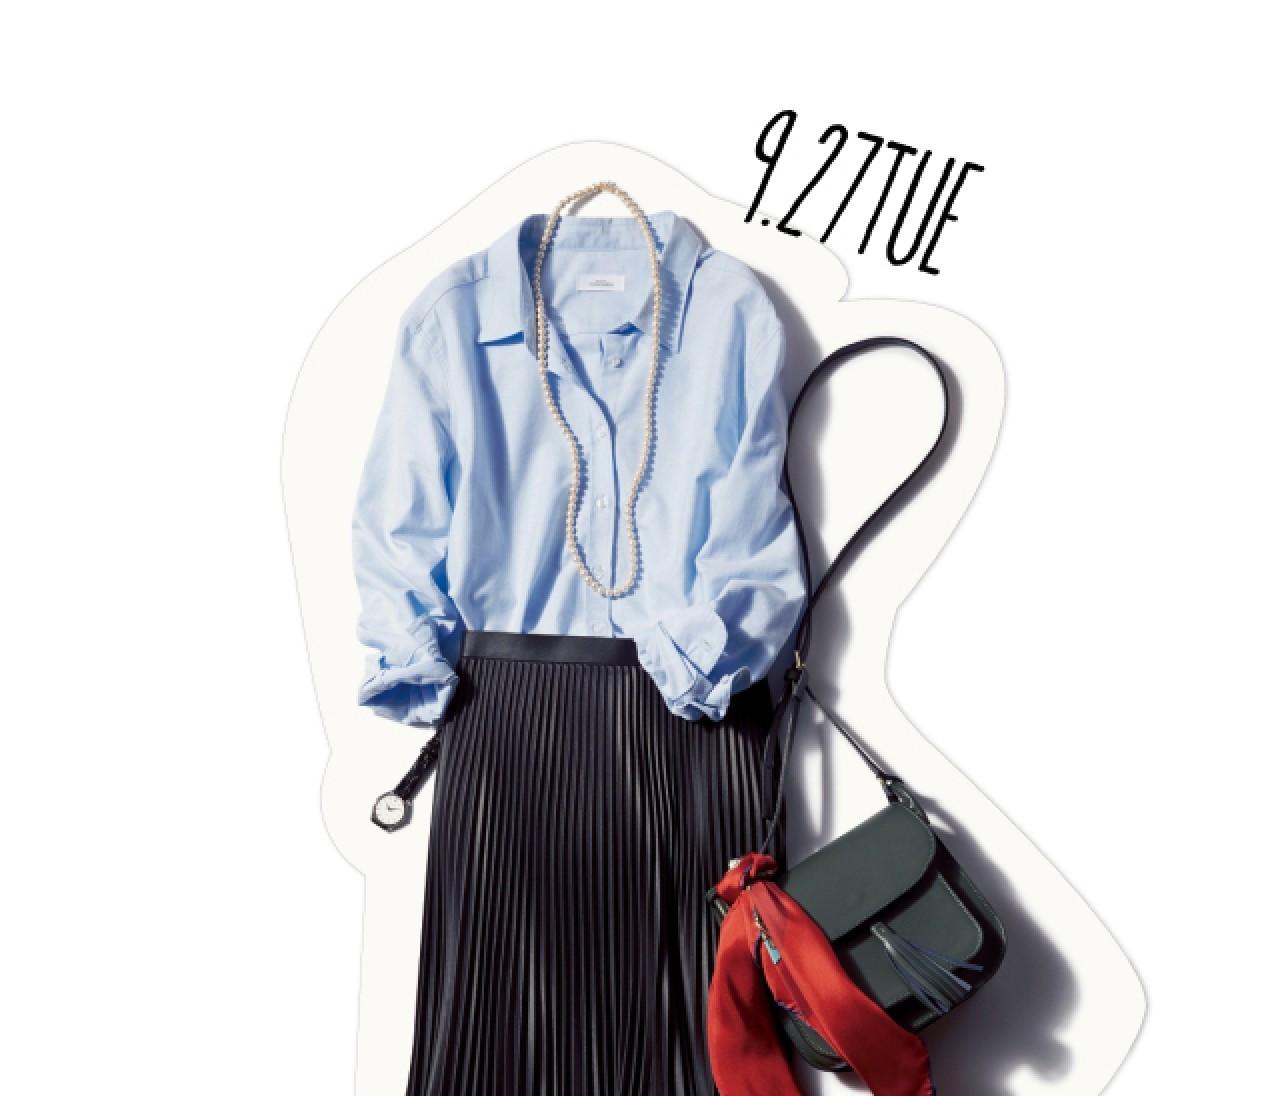 印象的スカート&ボルドーカラーで、シャツスタイルを秋へと更新!